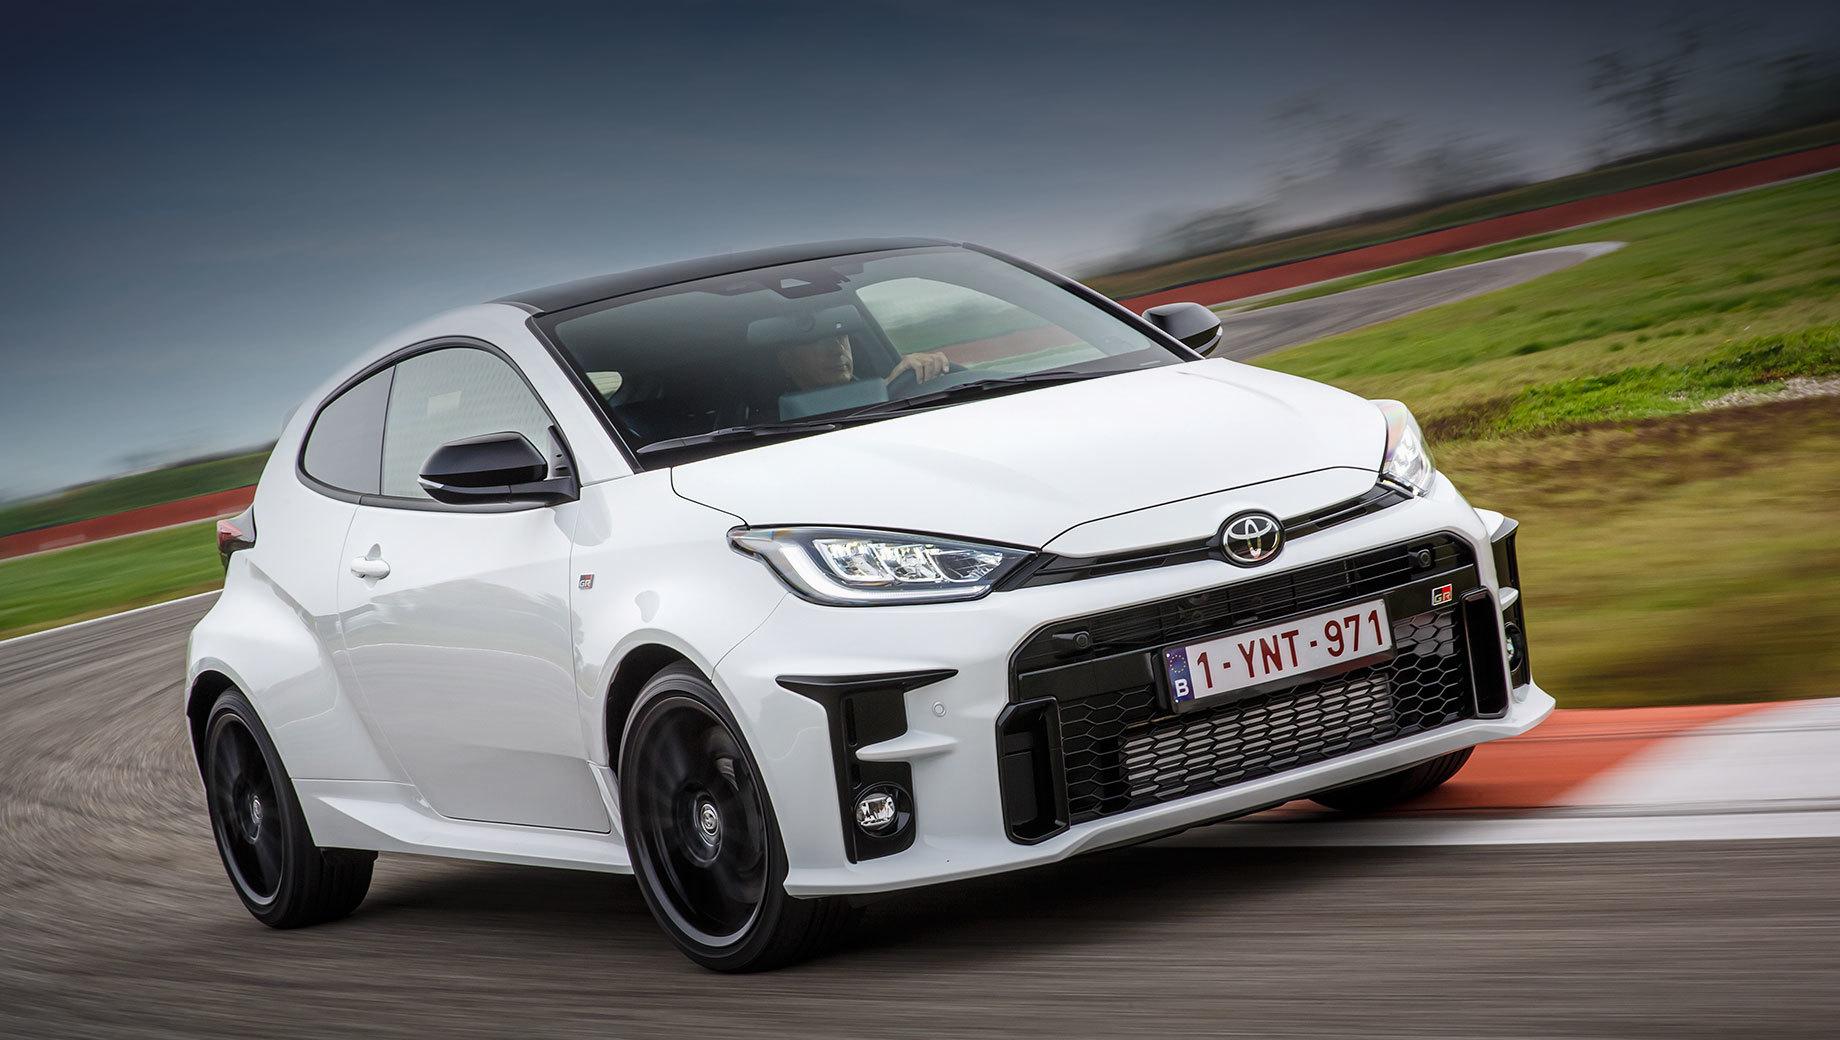 Хот-хэтч Toyota GR Yaris вышел на европейский рынок